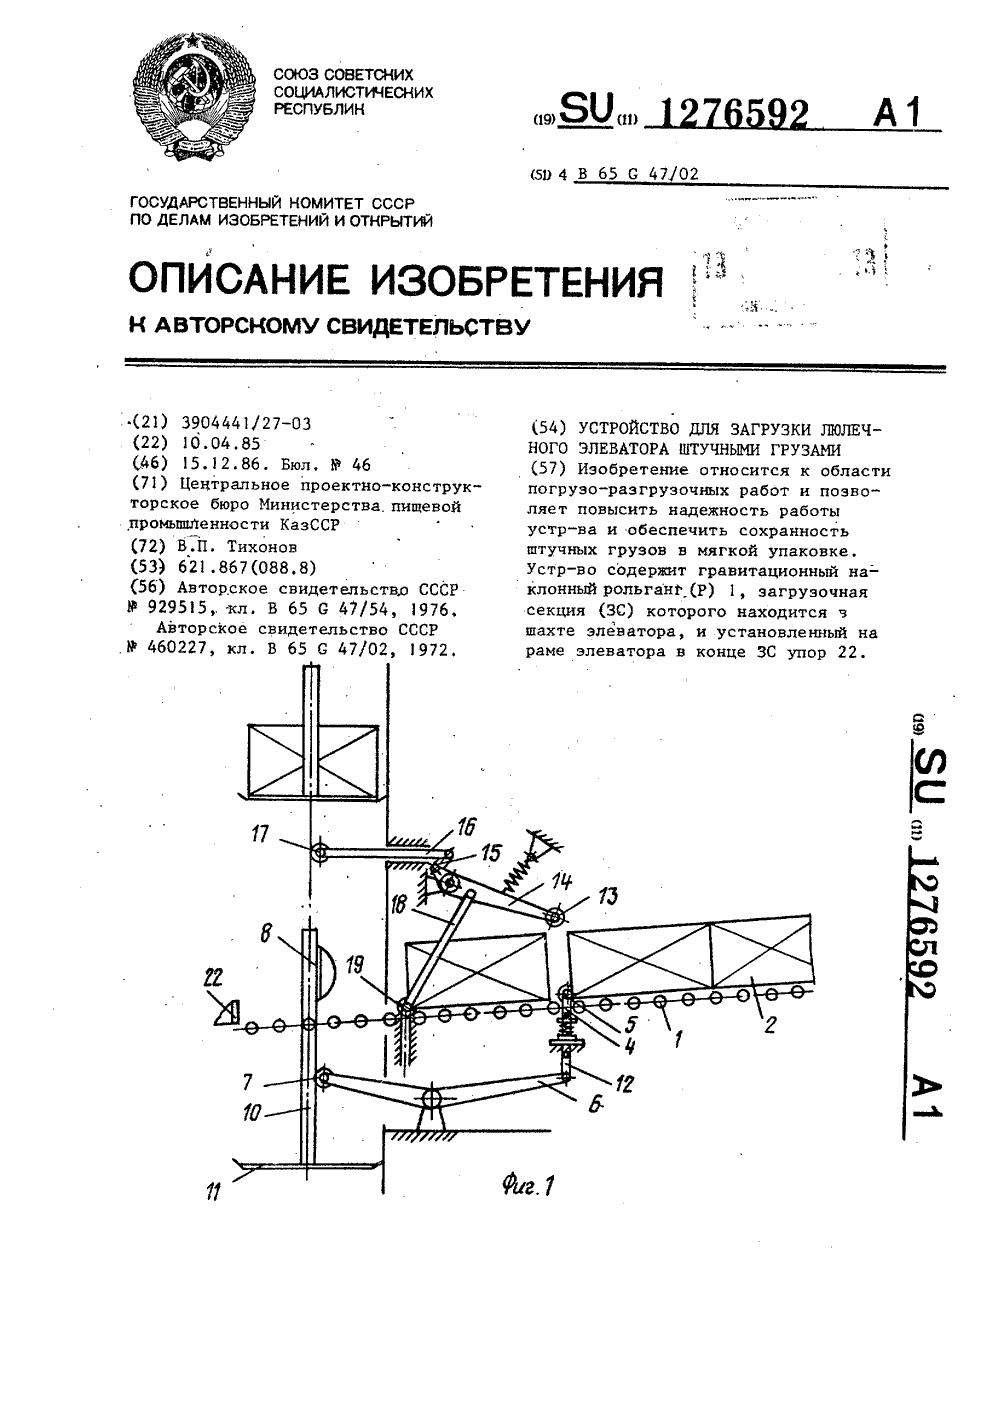 Изобретение элеватора технологическое оборудования элеваторов